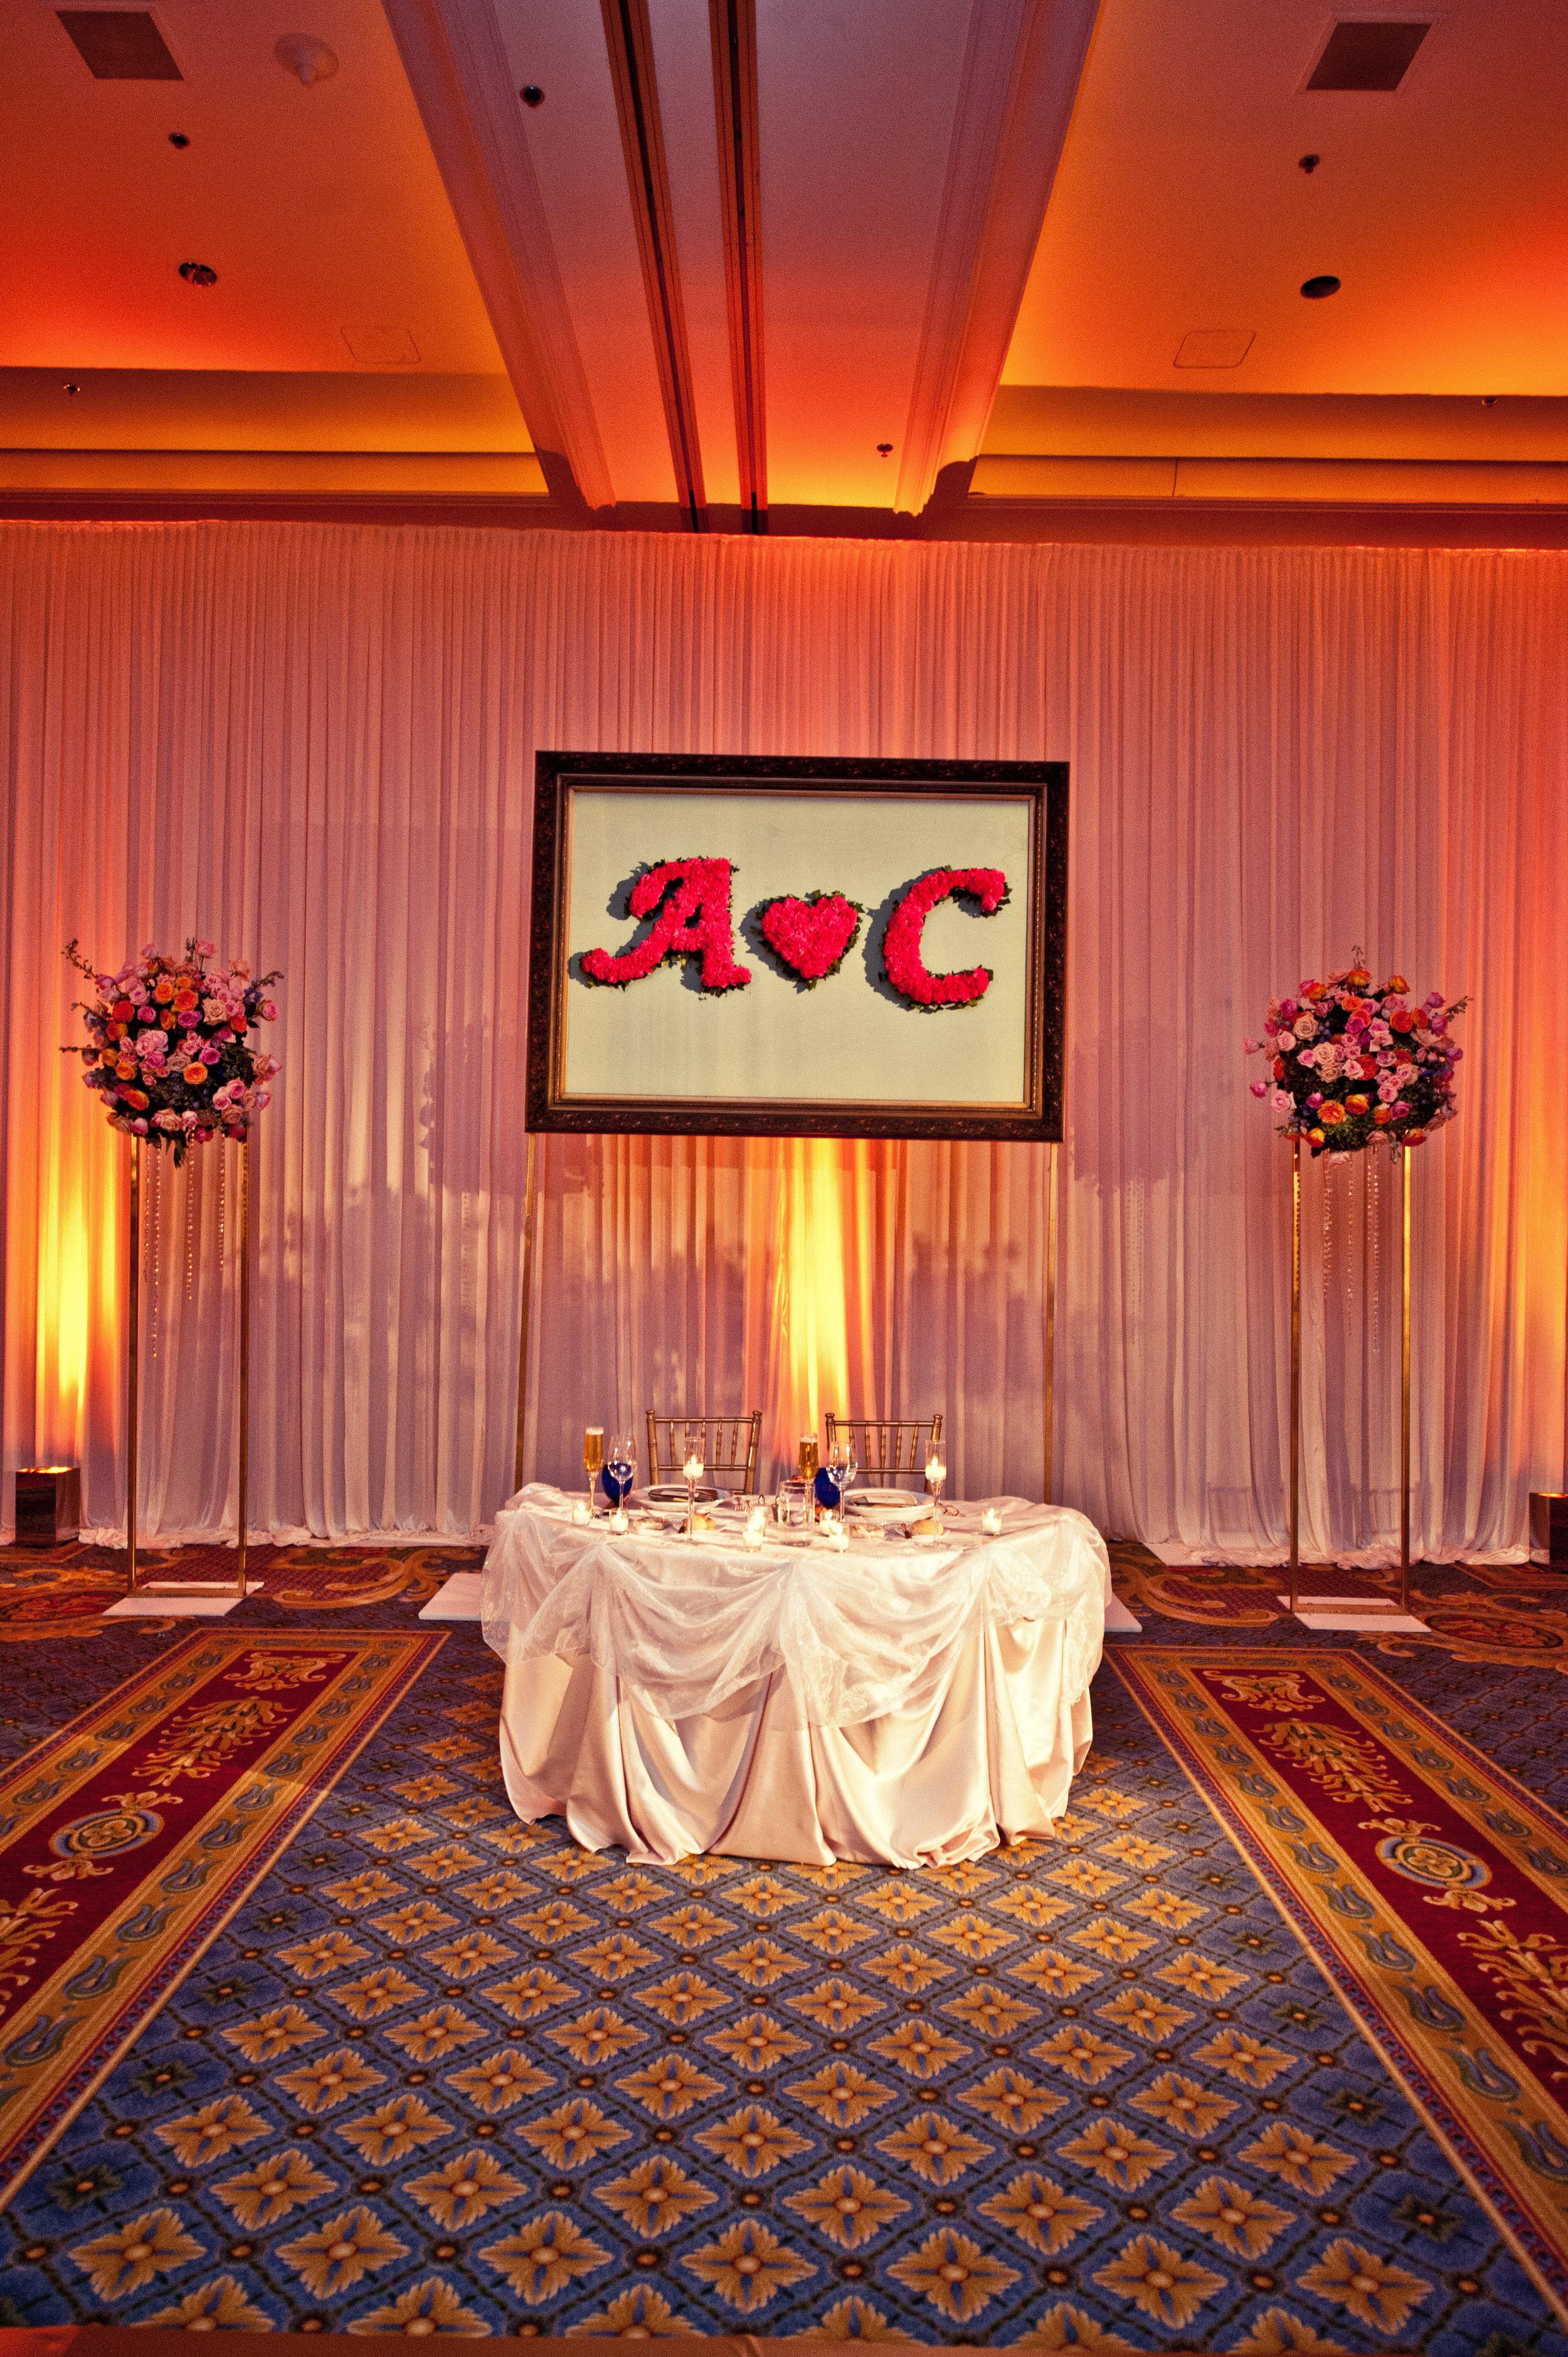 Wedding-0529-(ZF-8051-82656-1-530).jpg